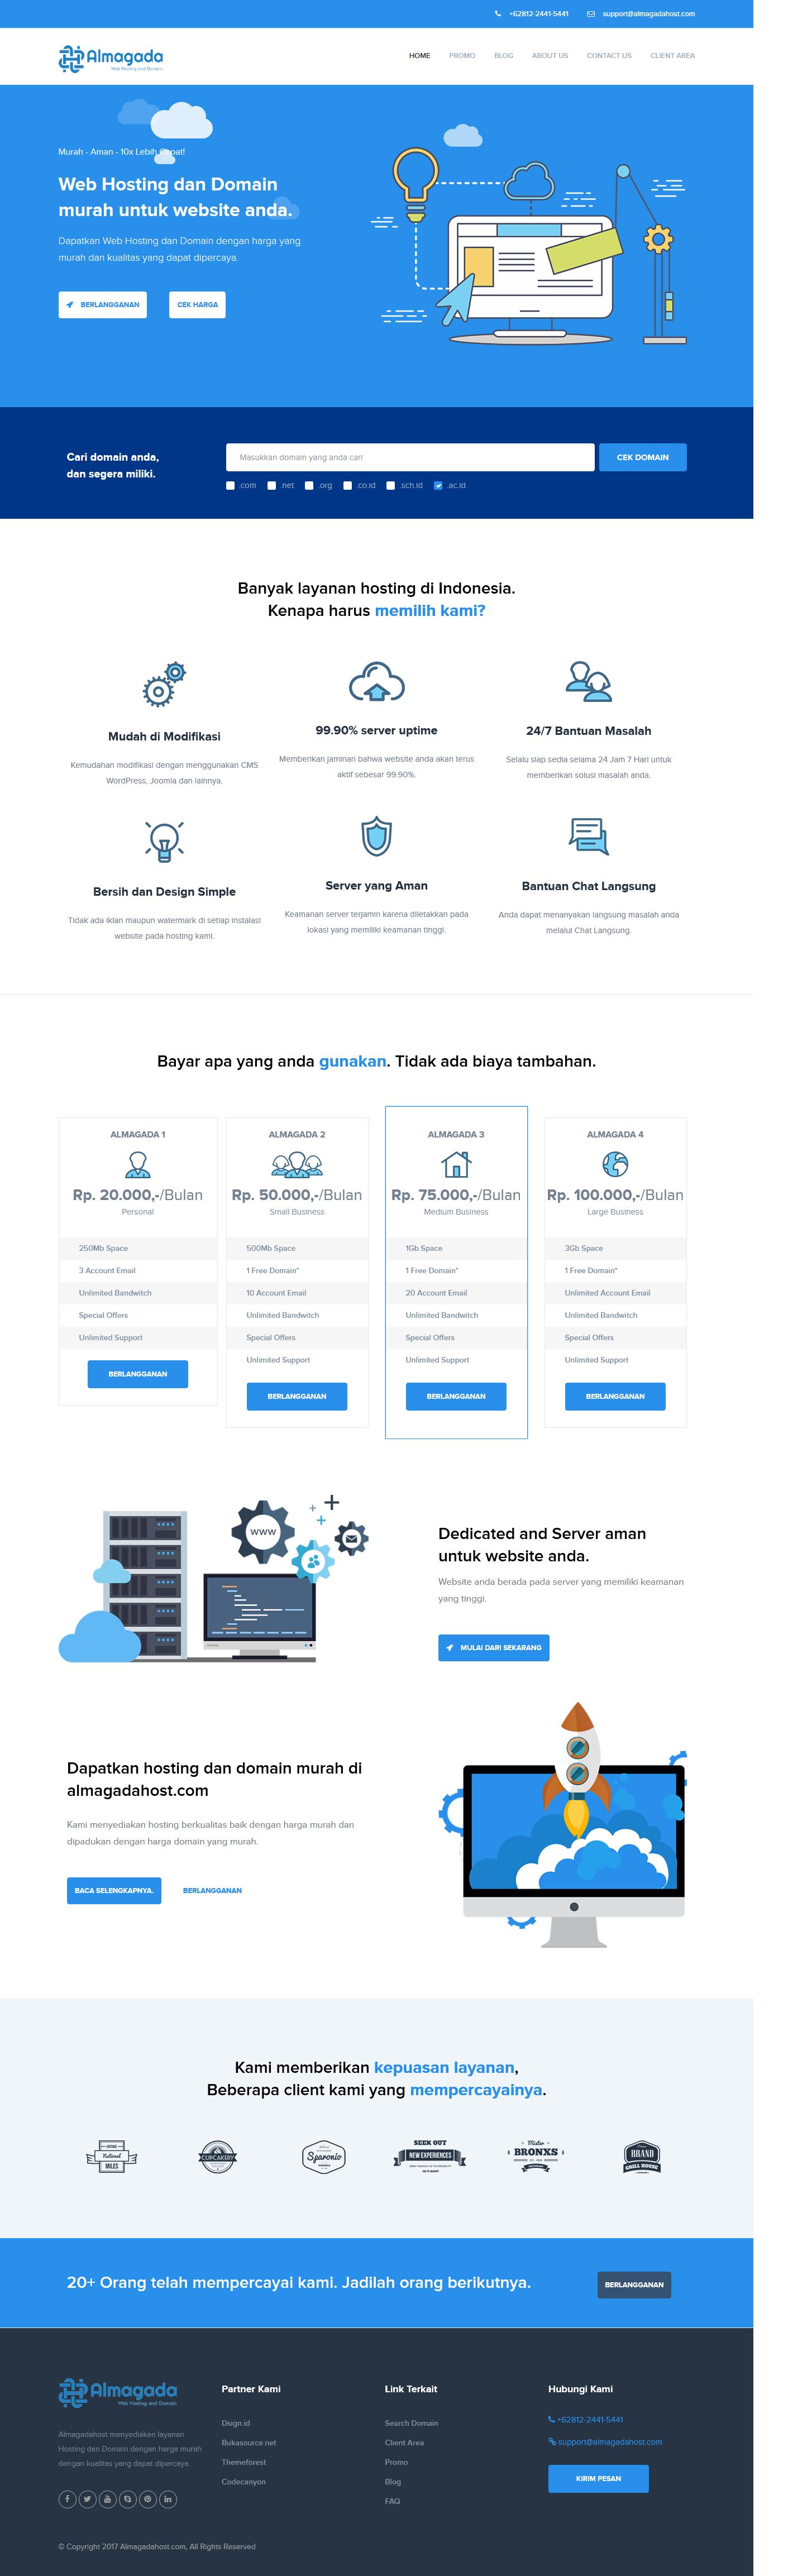 Almagadahost – Web Hosting dan Domain Murah Indonesia - dsignid